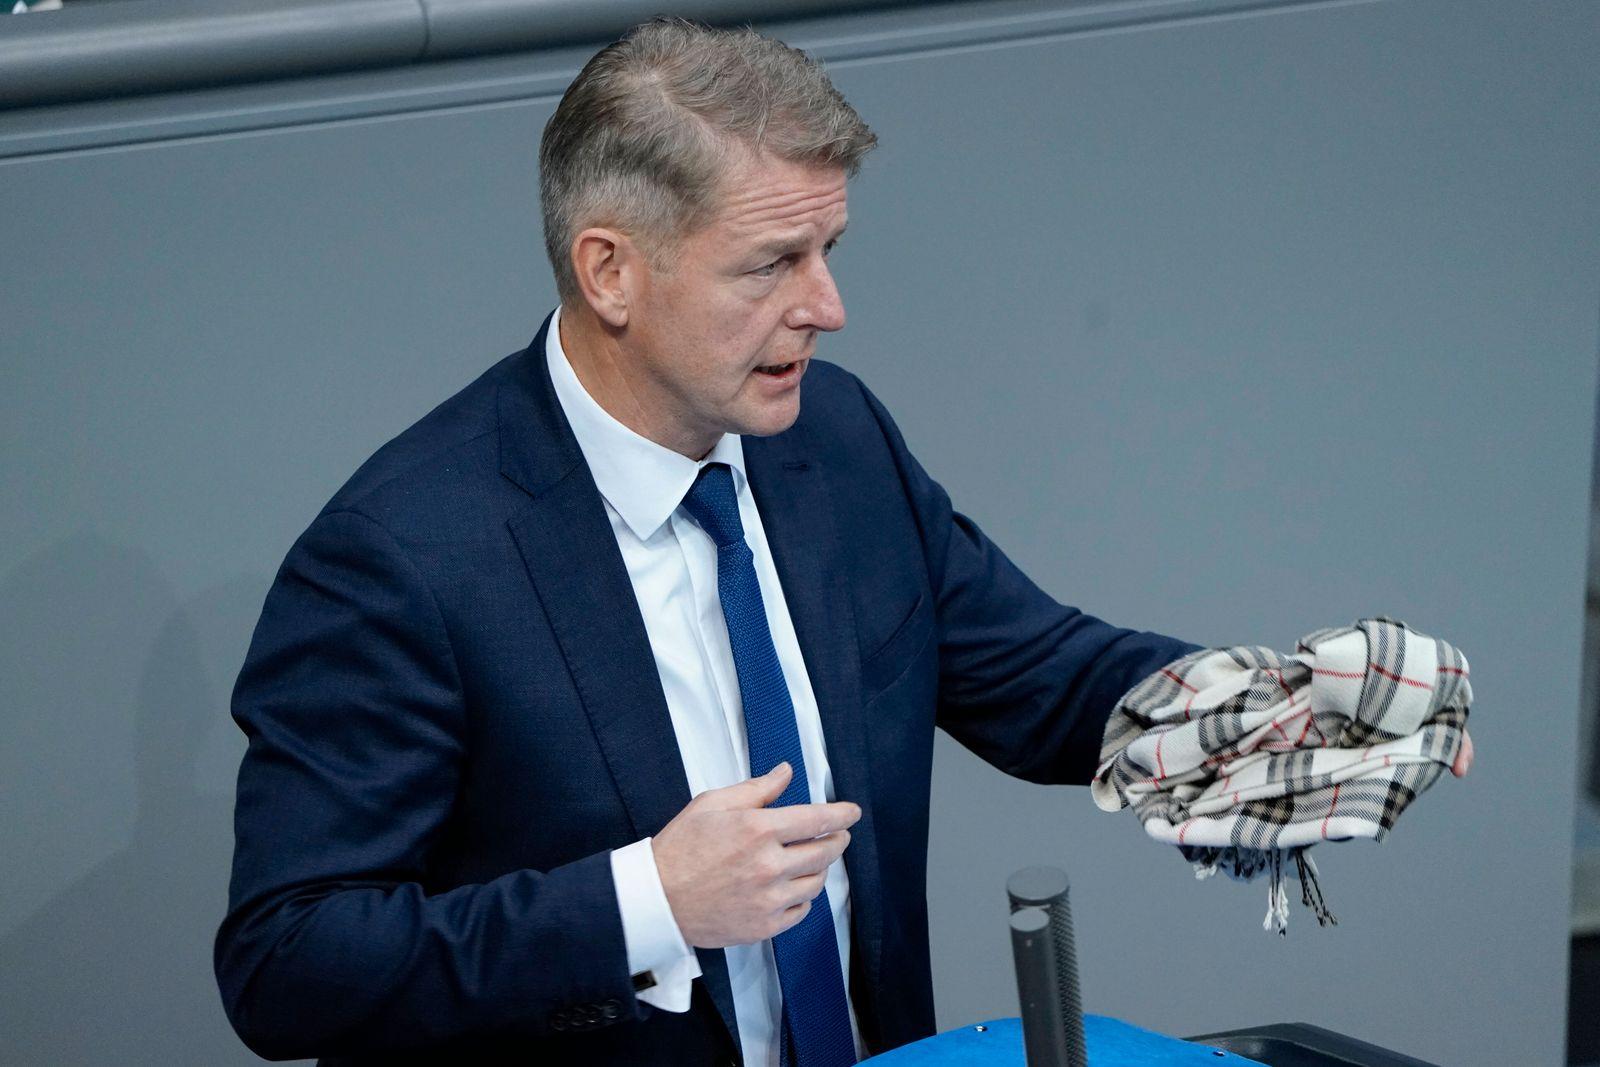 193. Bundestagssitzung in Berlin Aktuell, 20.11.2020, Berlin, Karsten Hilse in der Hand sein Schal als alternative zur G